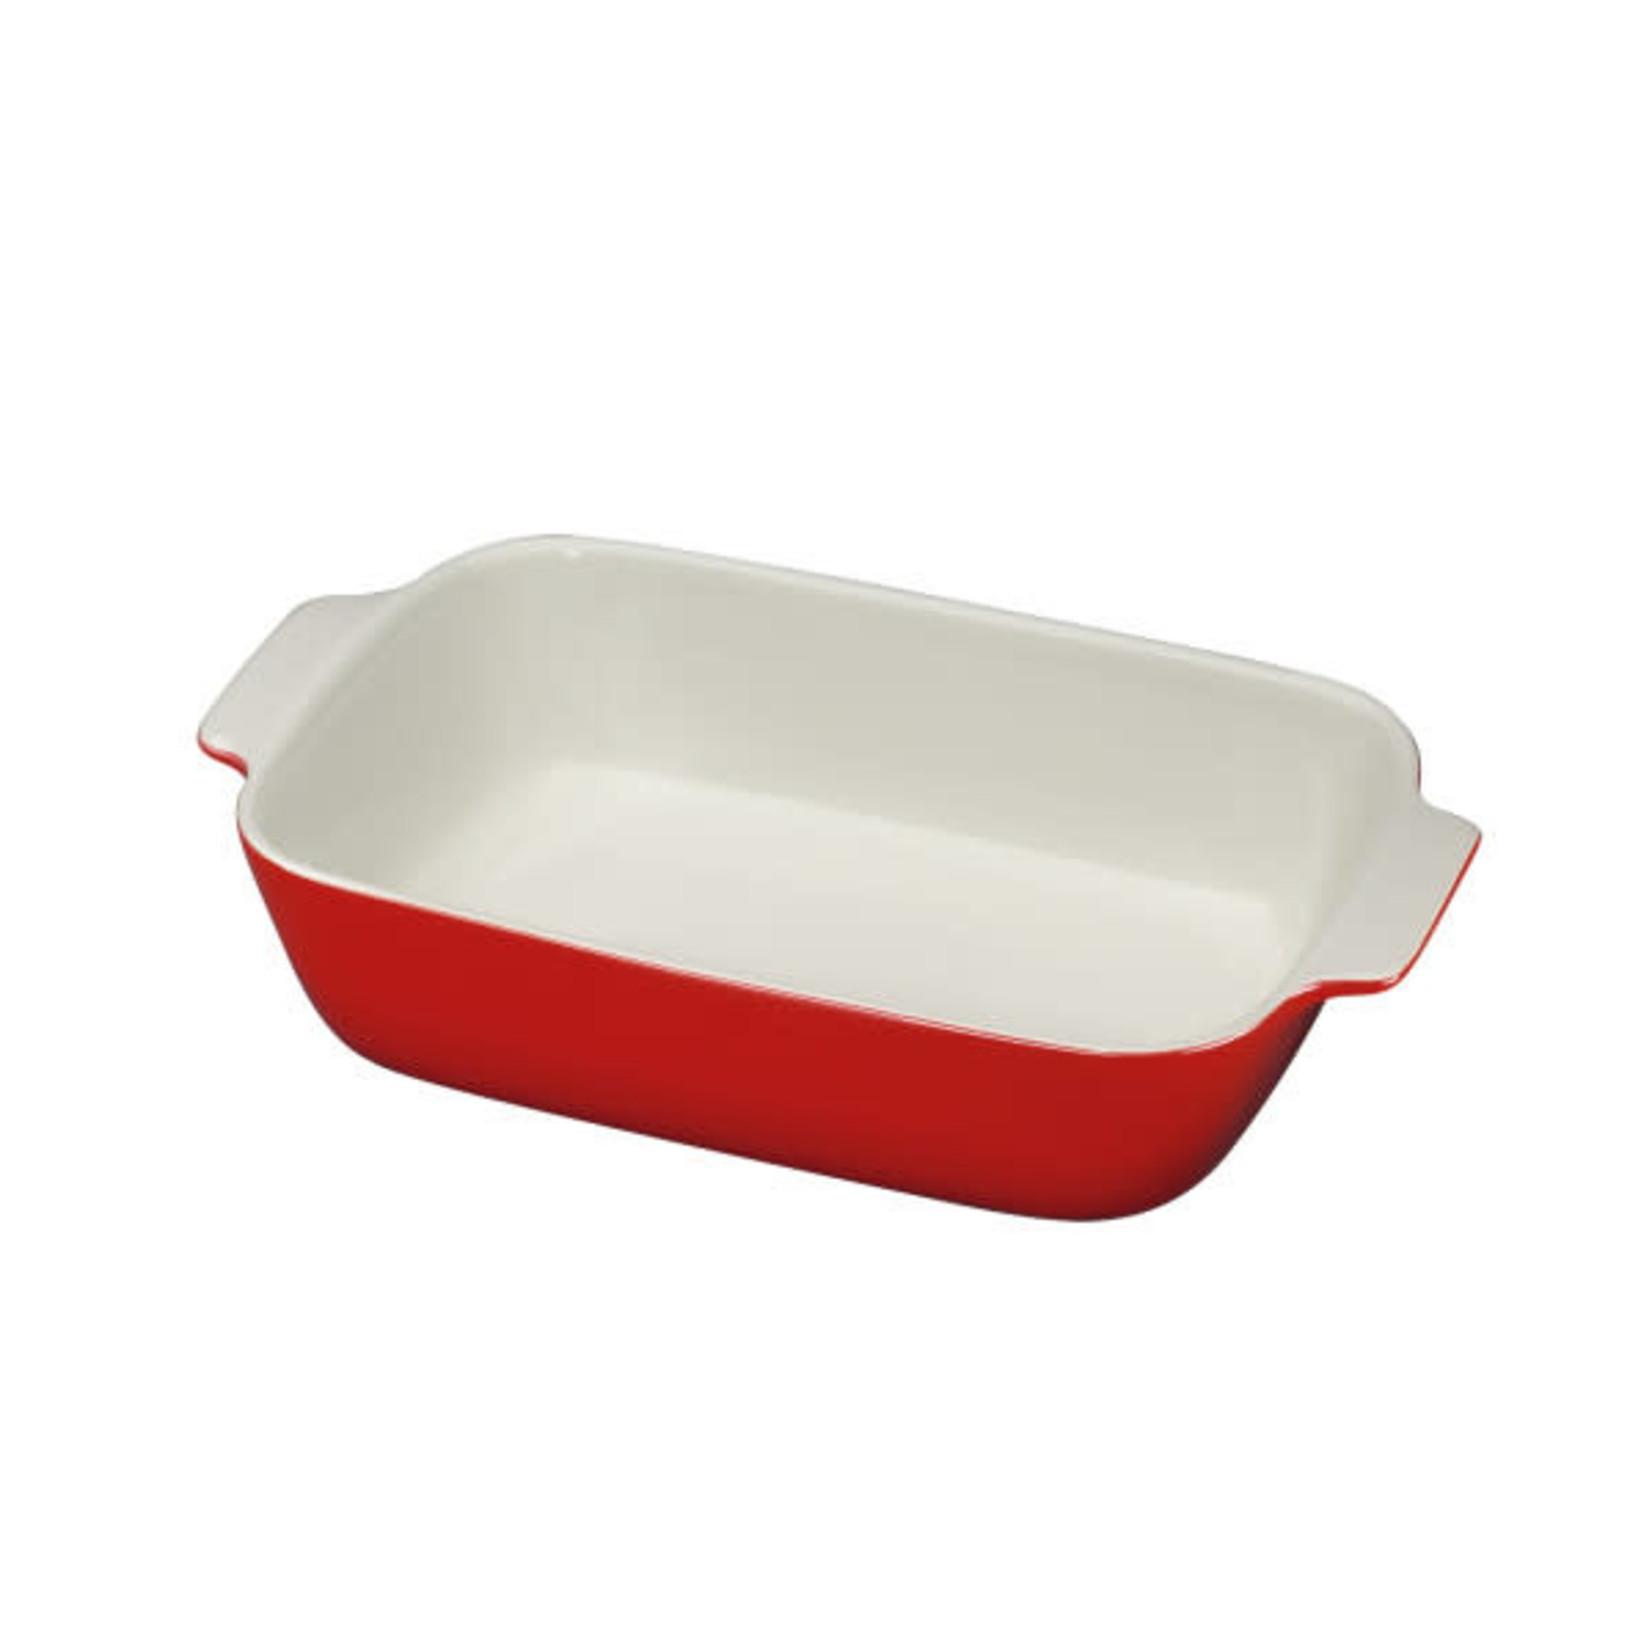 Küchenprofi Ovenschaal 30cm rood